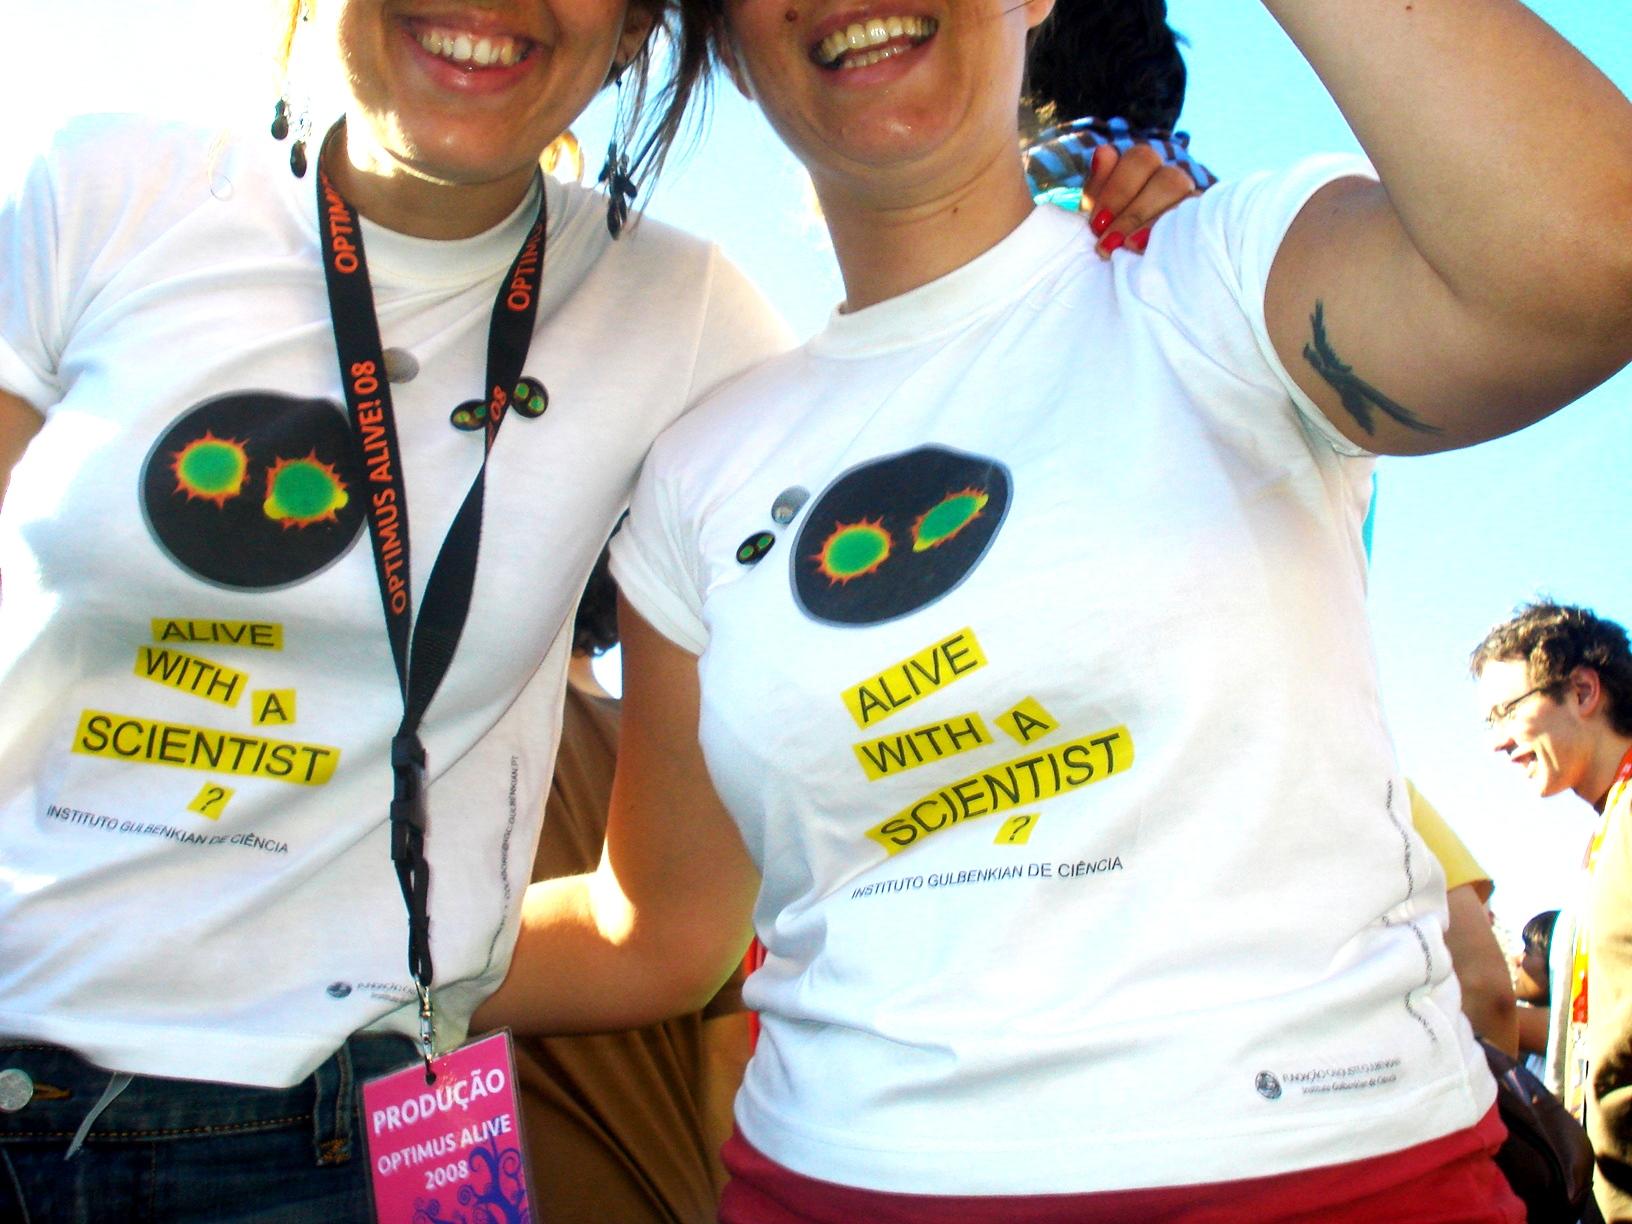 IGC volunteers